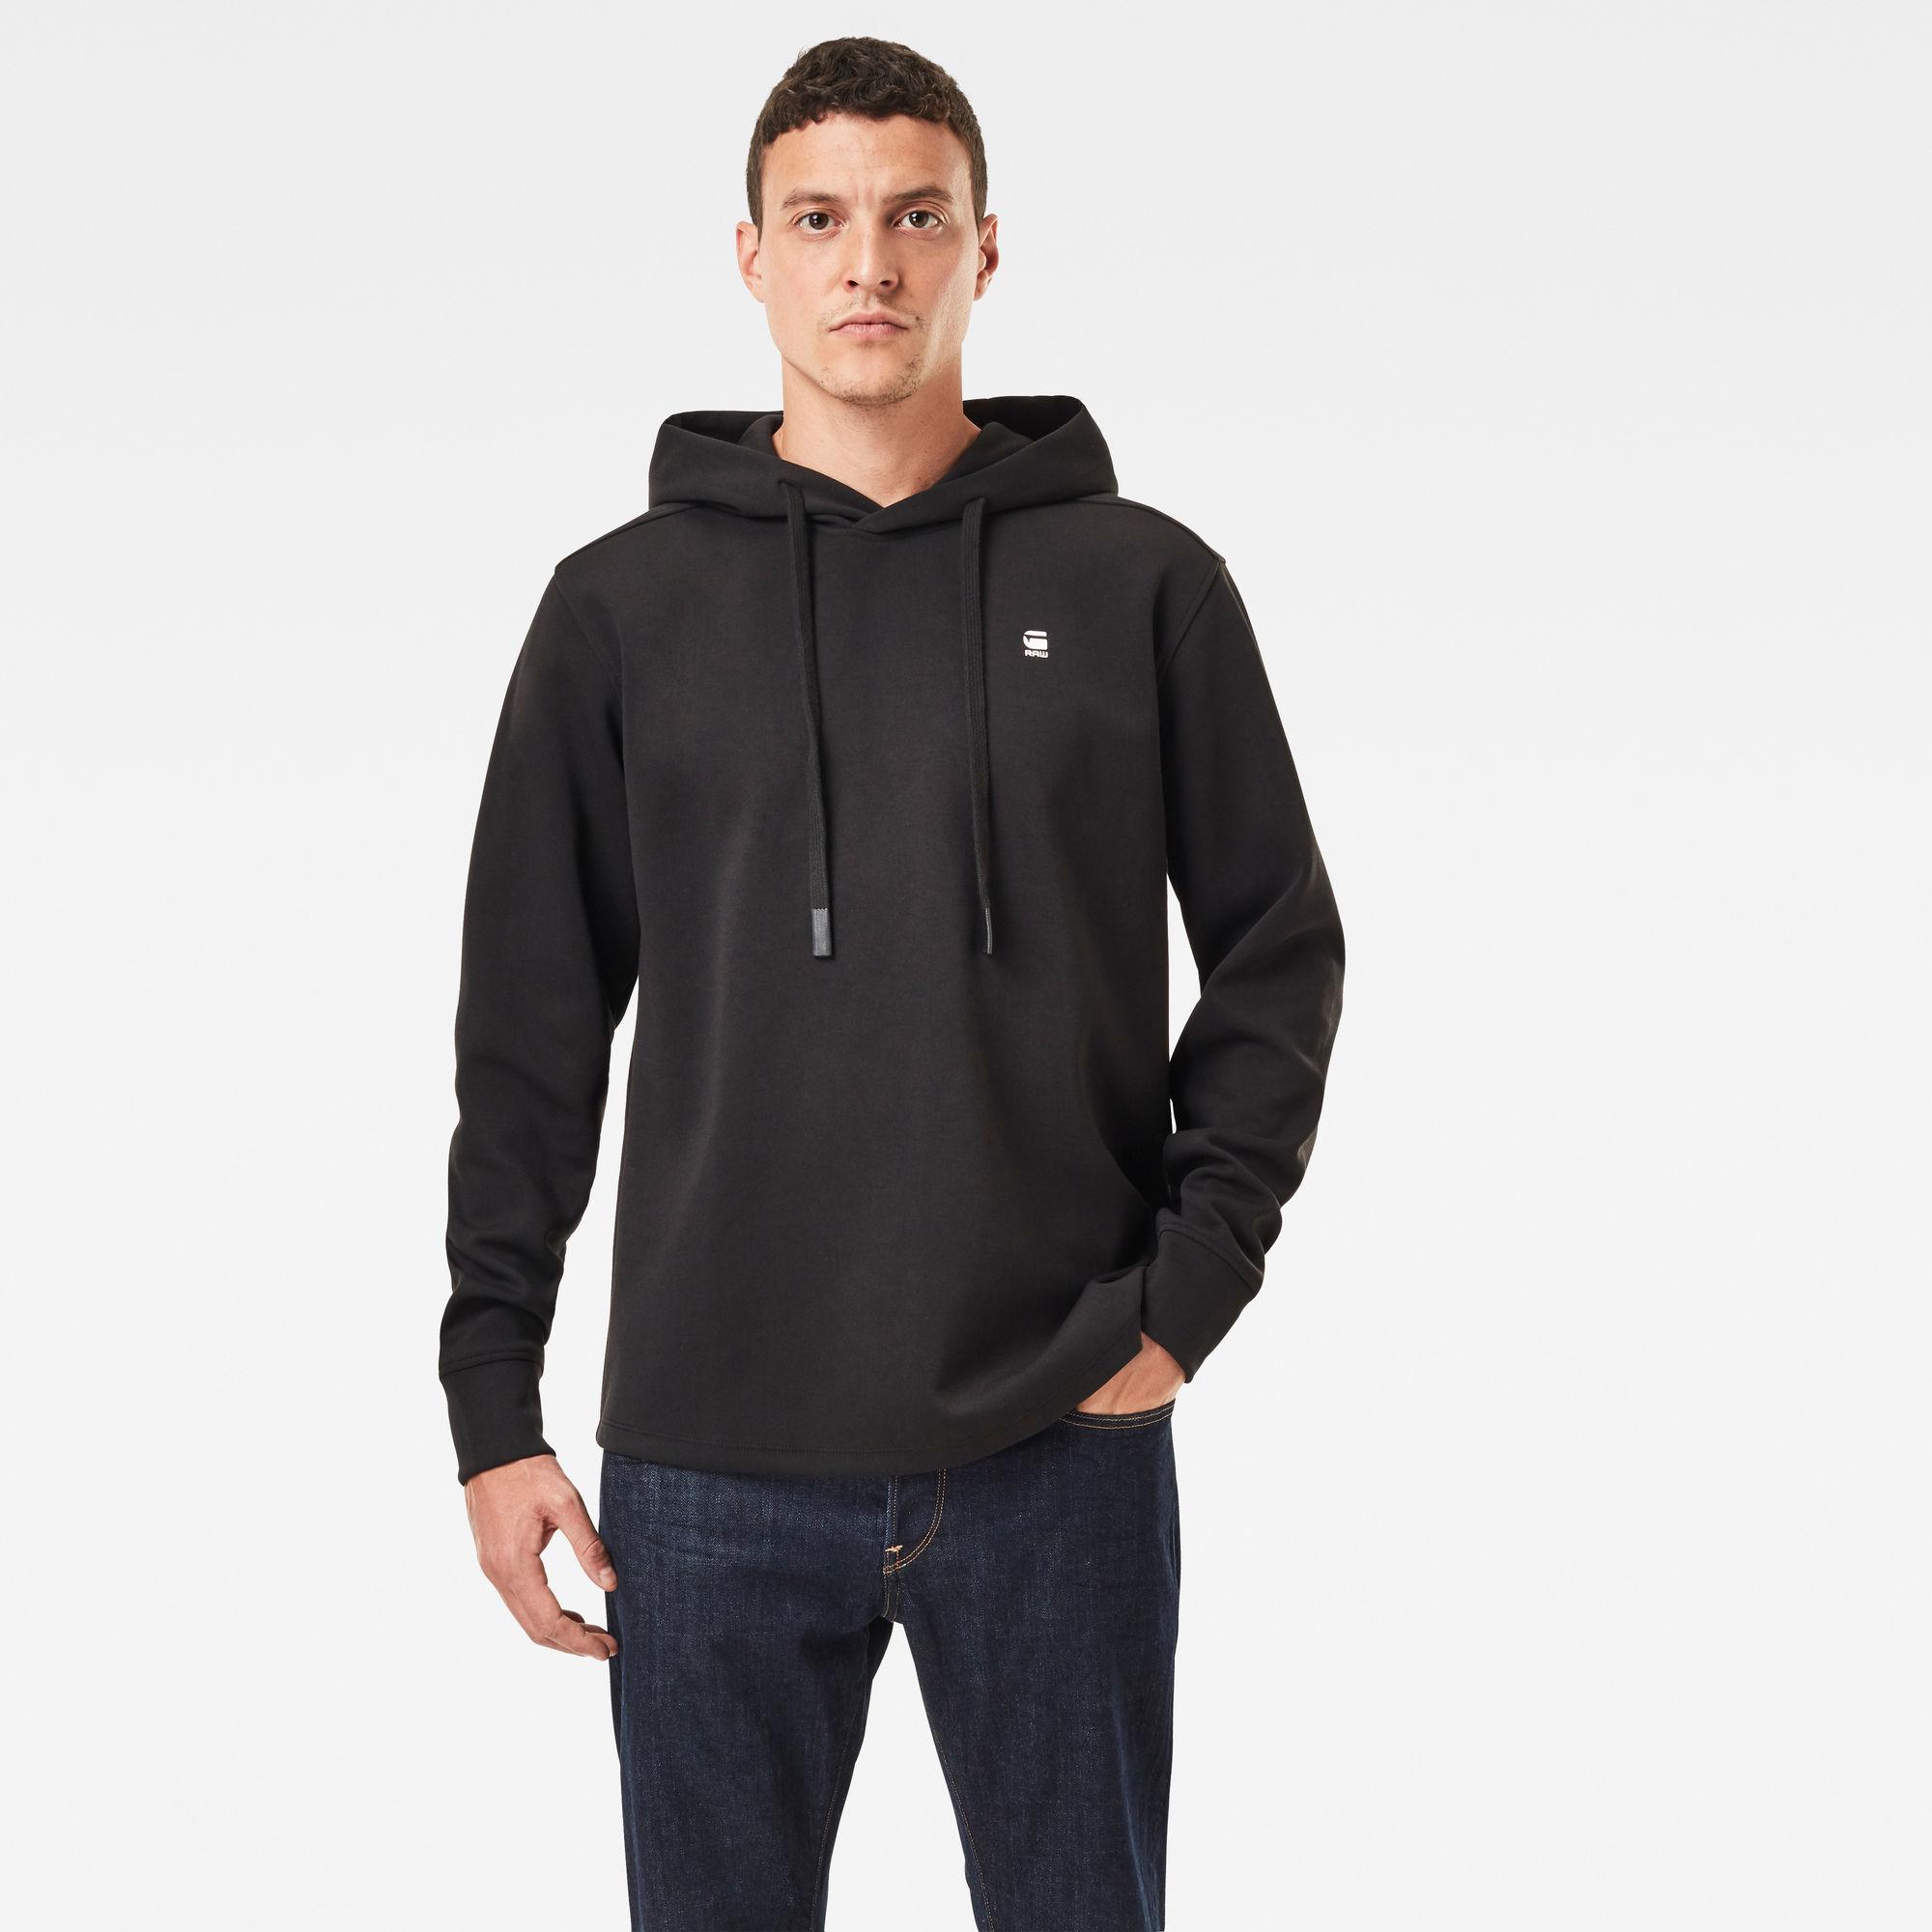 G-Star RAW Heren Lash Sweater Met Capuchon Zwart